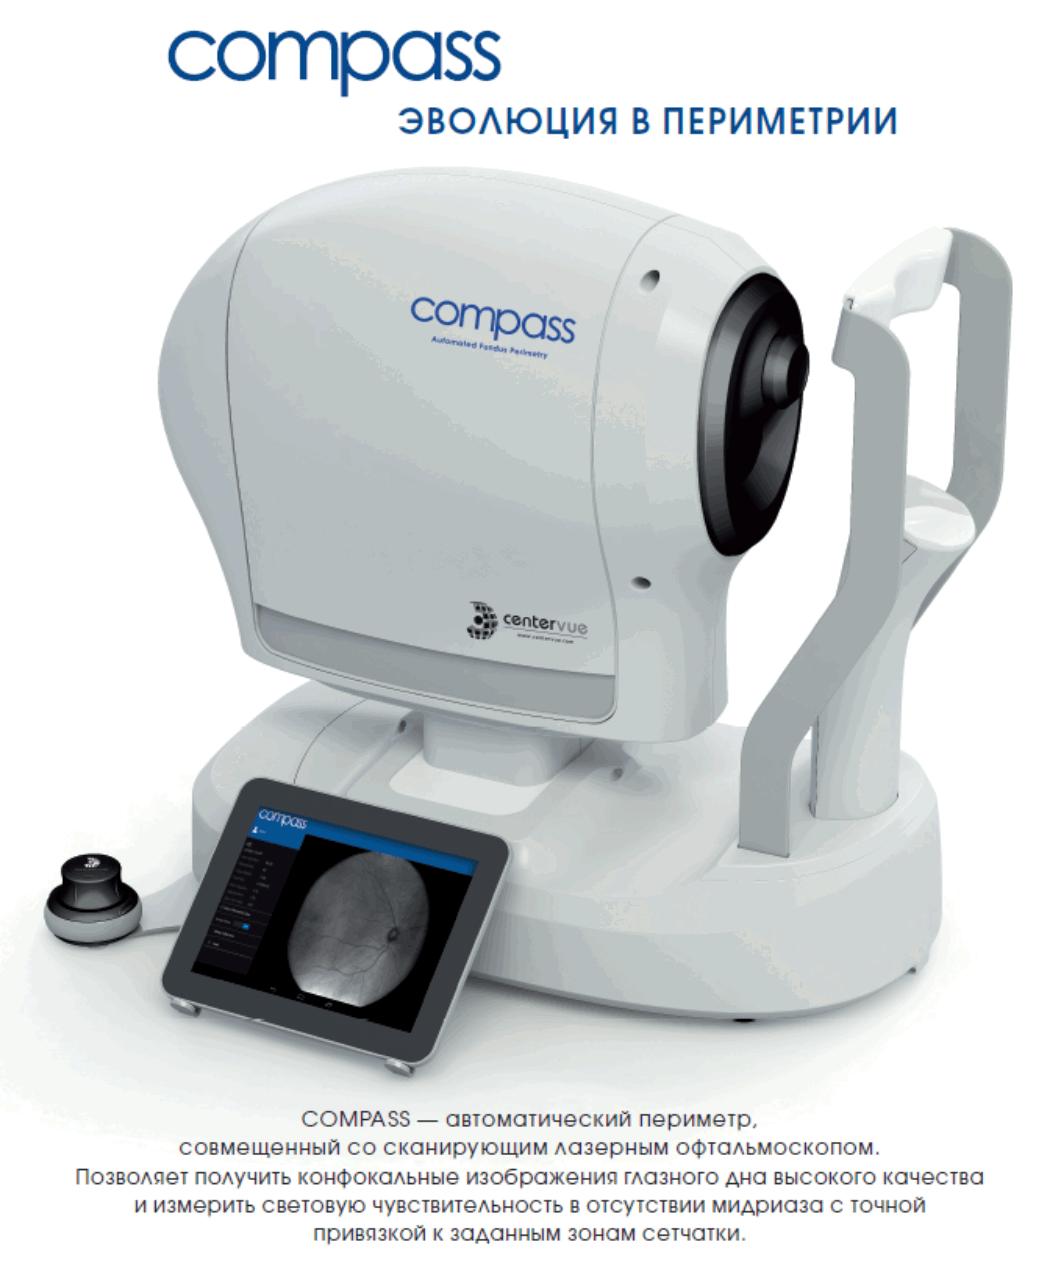 COMPASS — автоматический периметр,  совмещенный со сканирующим лазерным офтальмоскопом